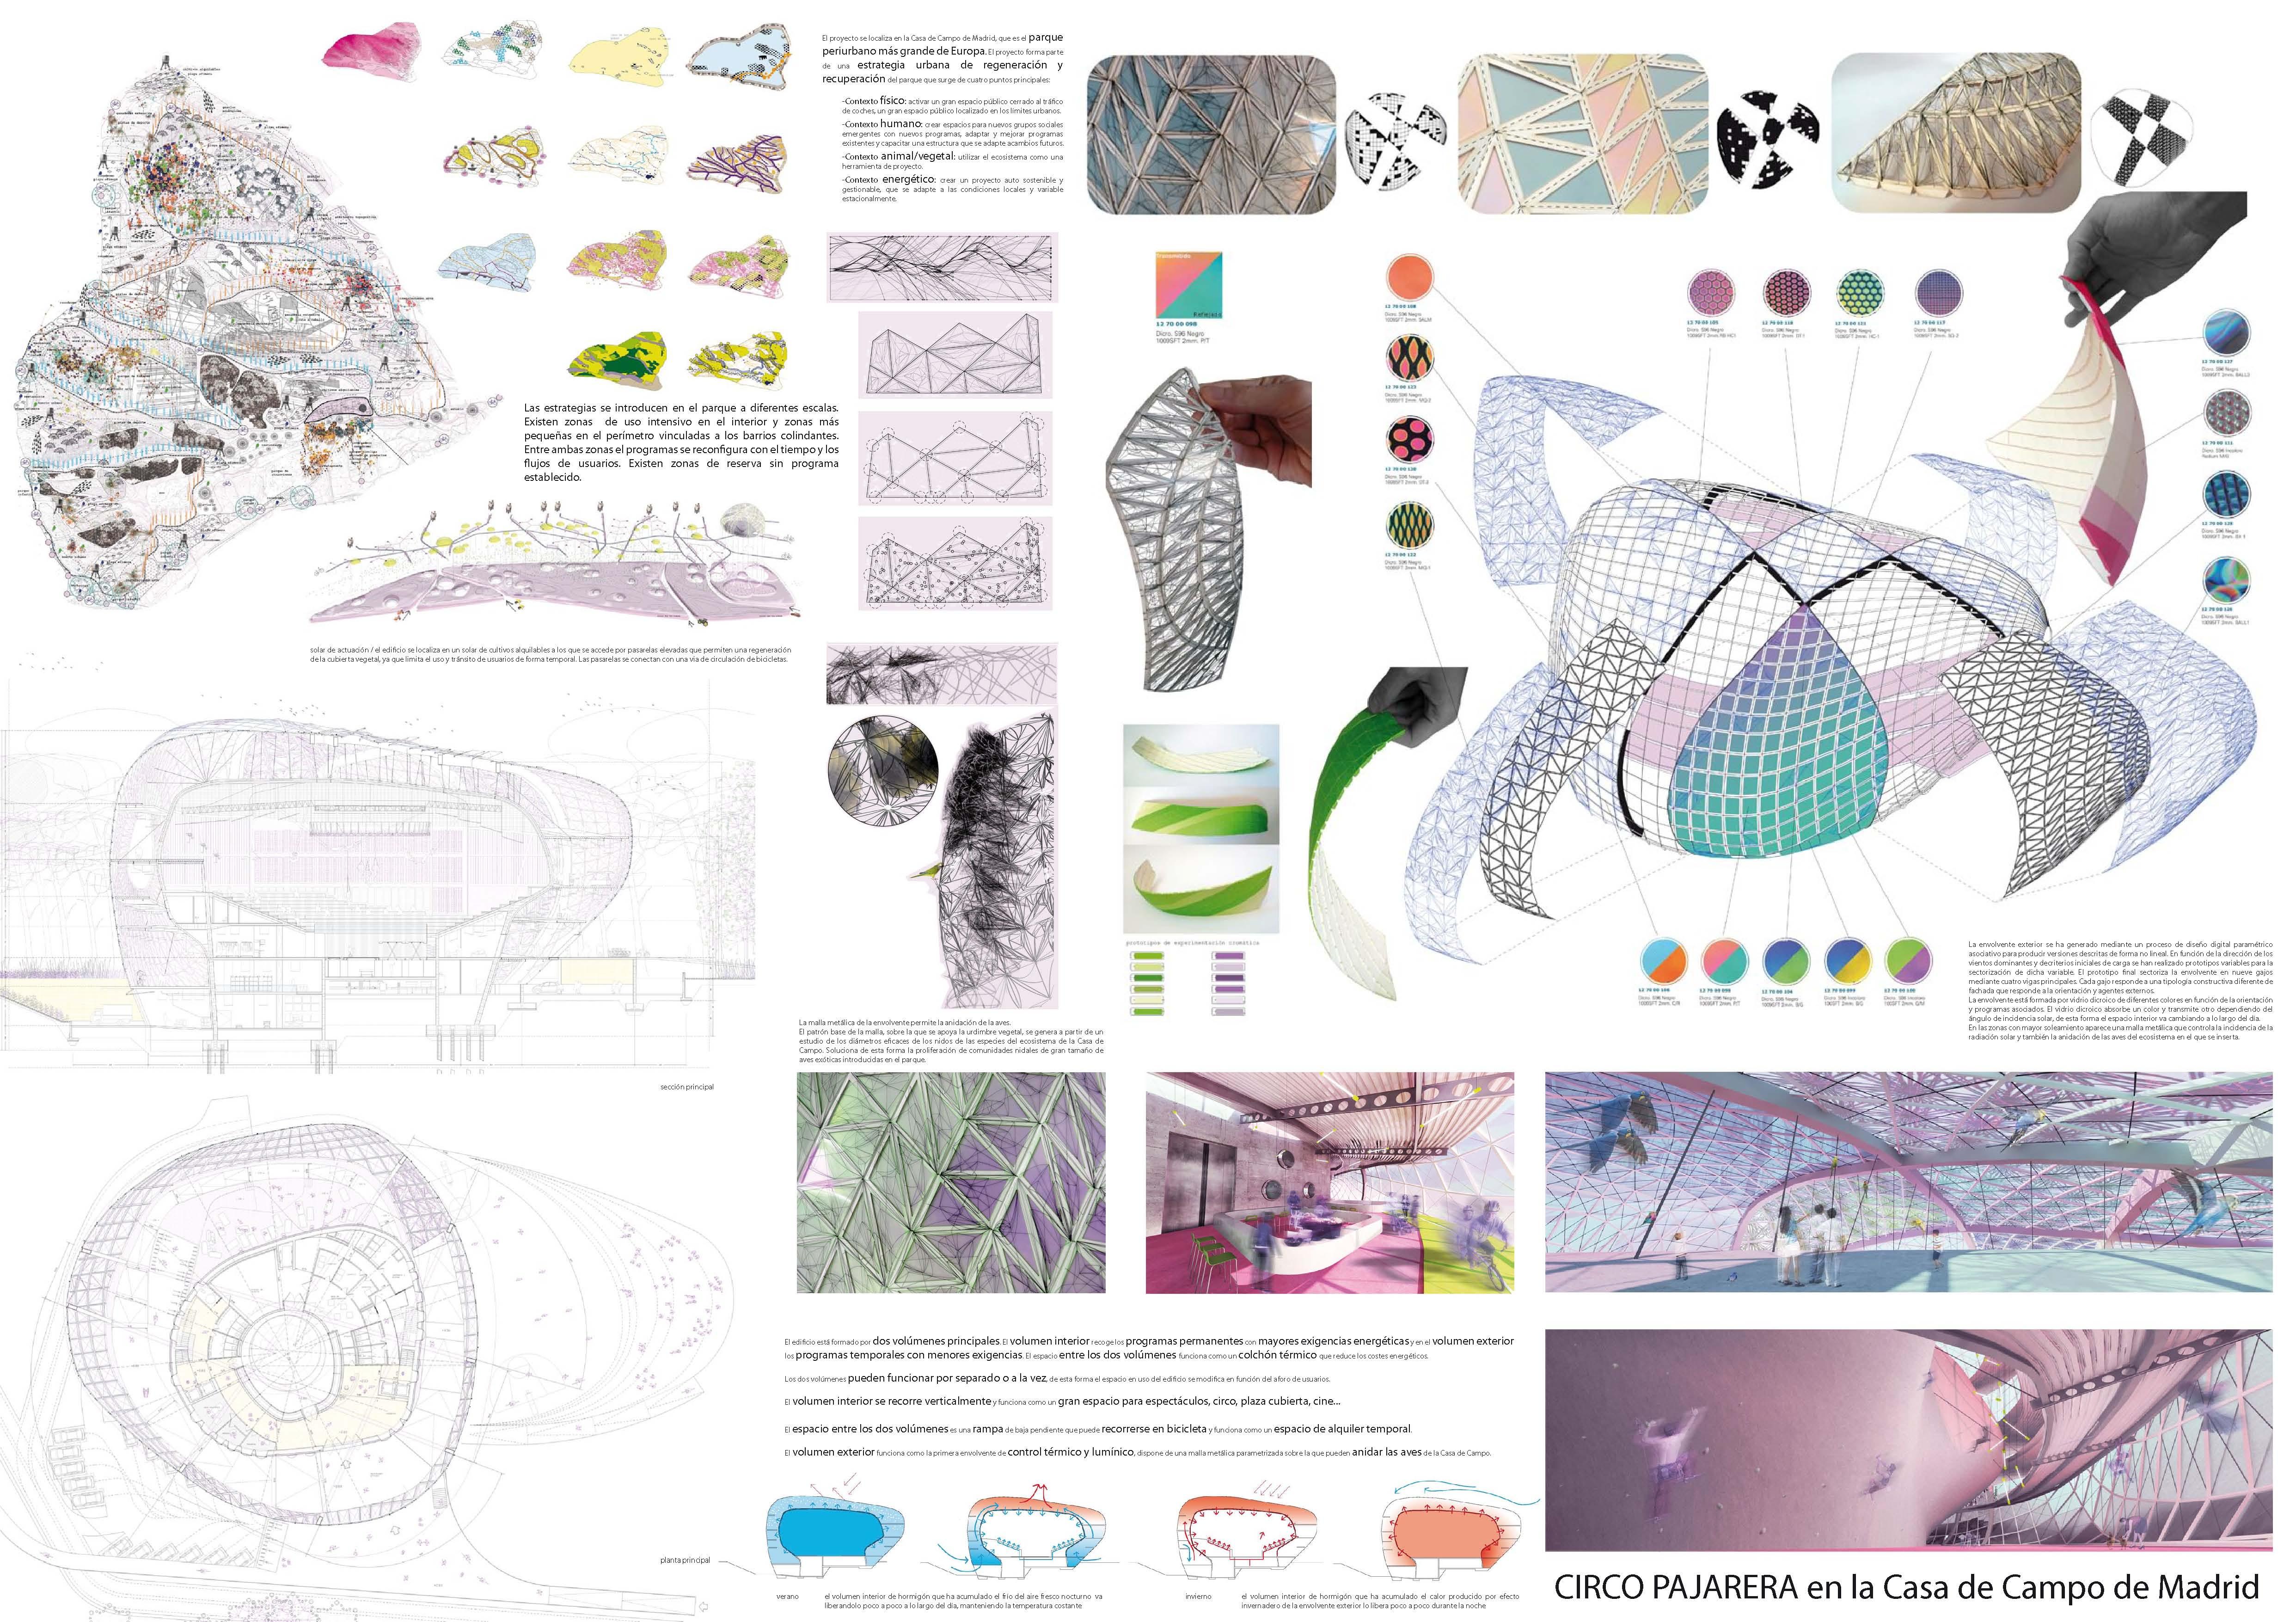 Premio proyecto fin de carrera 2012 tvarquitectura for Carrera de arquitectura